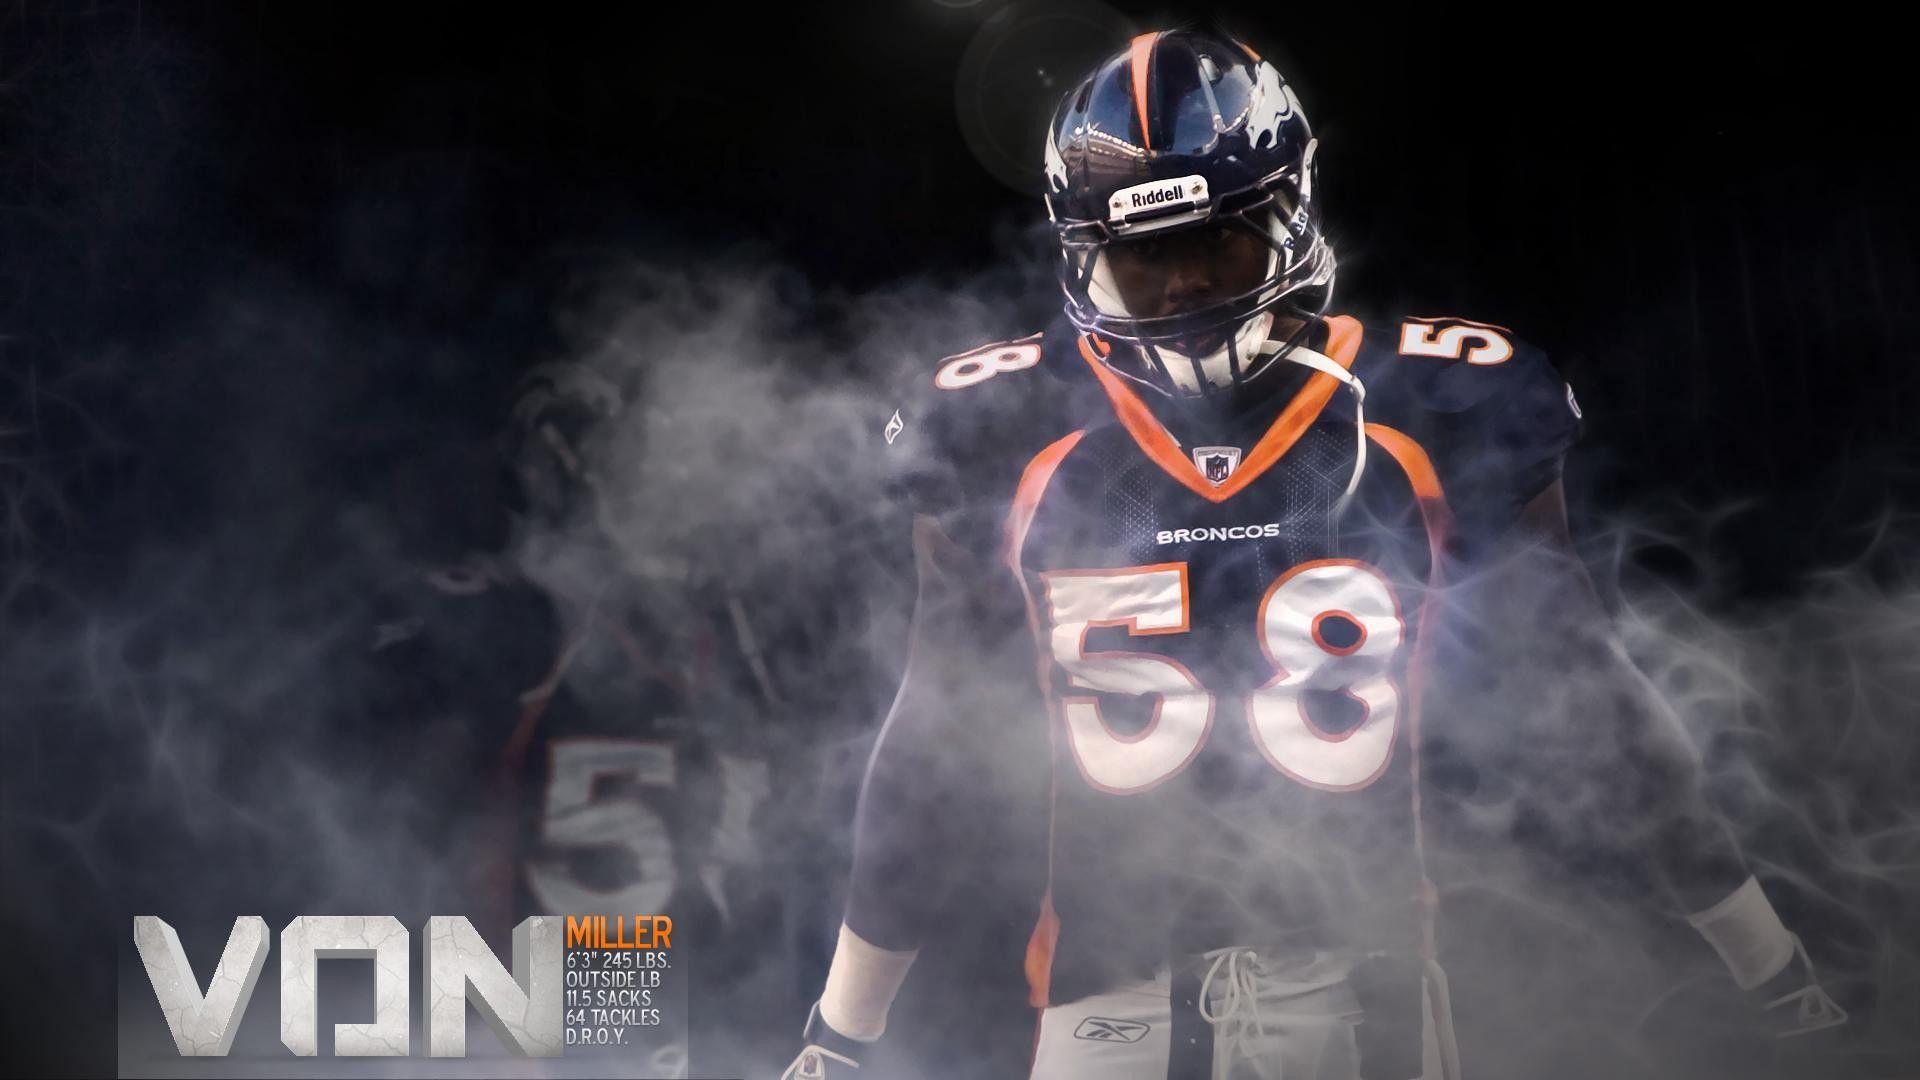 Von Miller Denver Broncos For Pc Wallpaper 2021 Nfl Football Wallpapers Denver Broncos Nfl Football Wallpaper Denver Broncos Logo